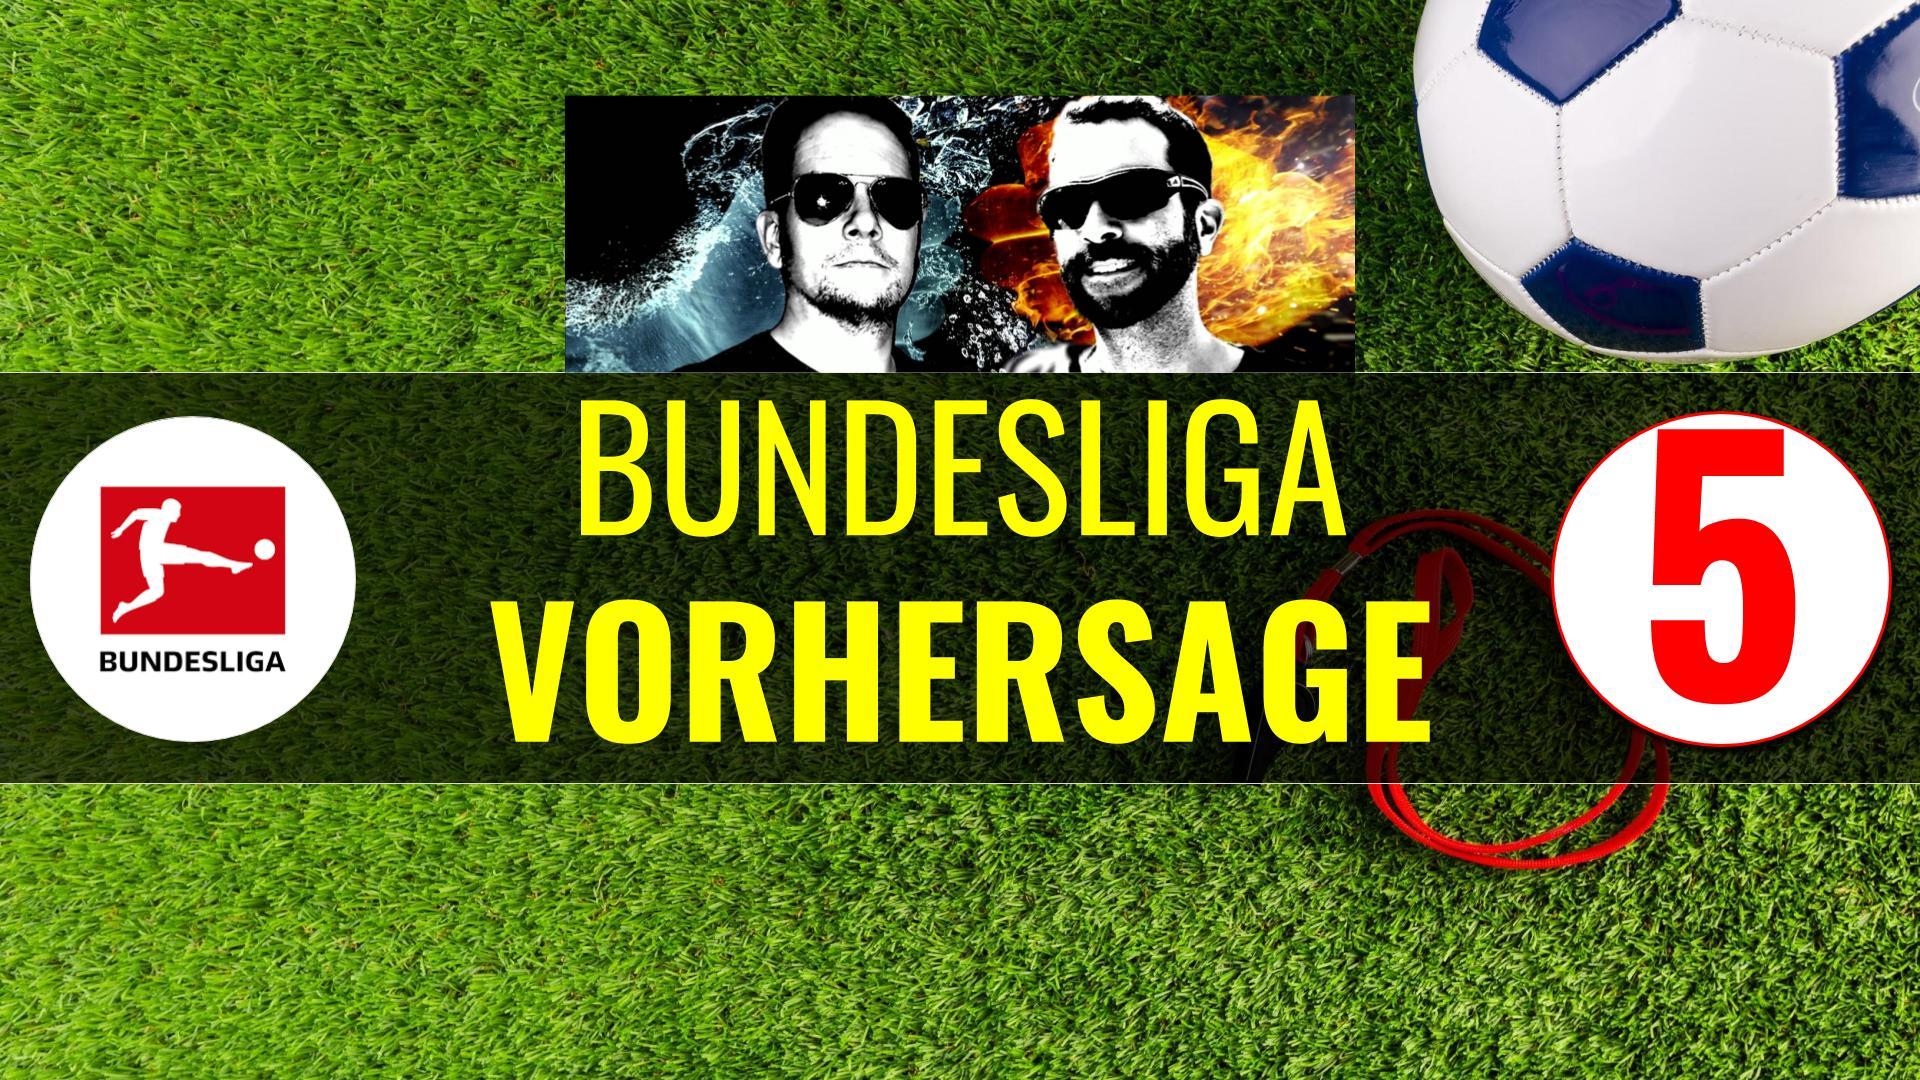 Bundesliga Vorhersage und Tipps am 5. Spieltag